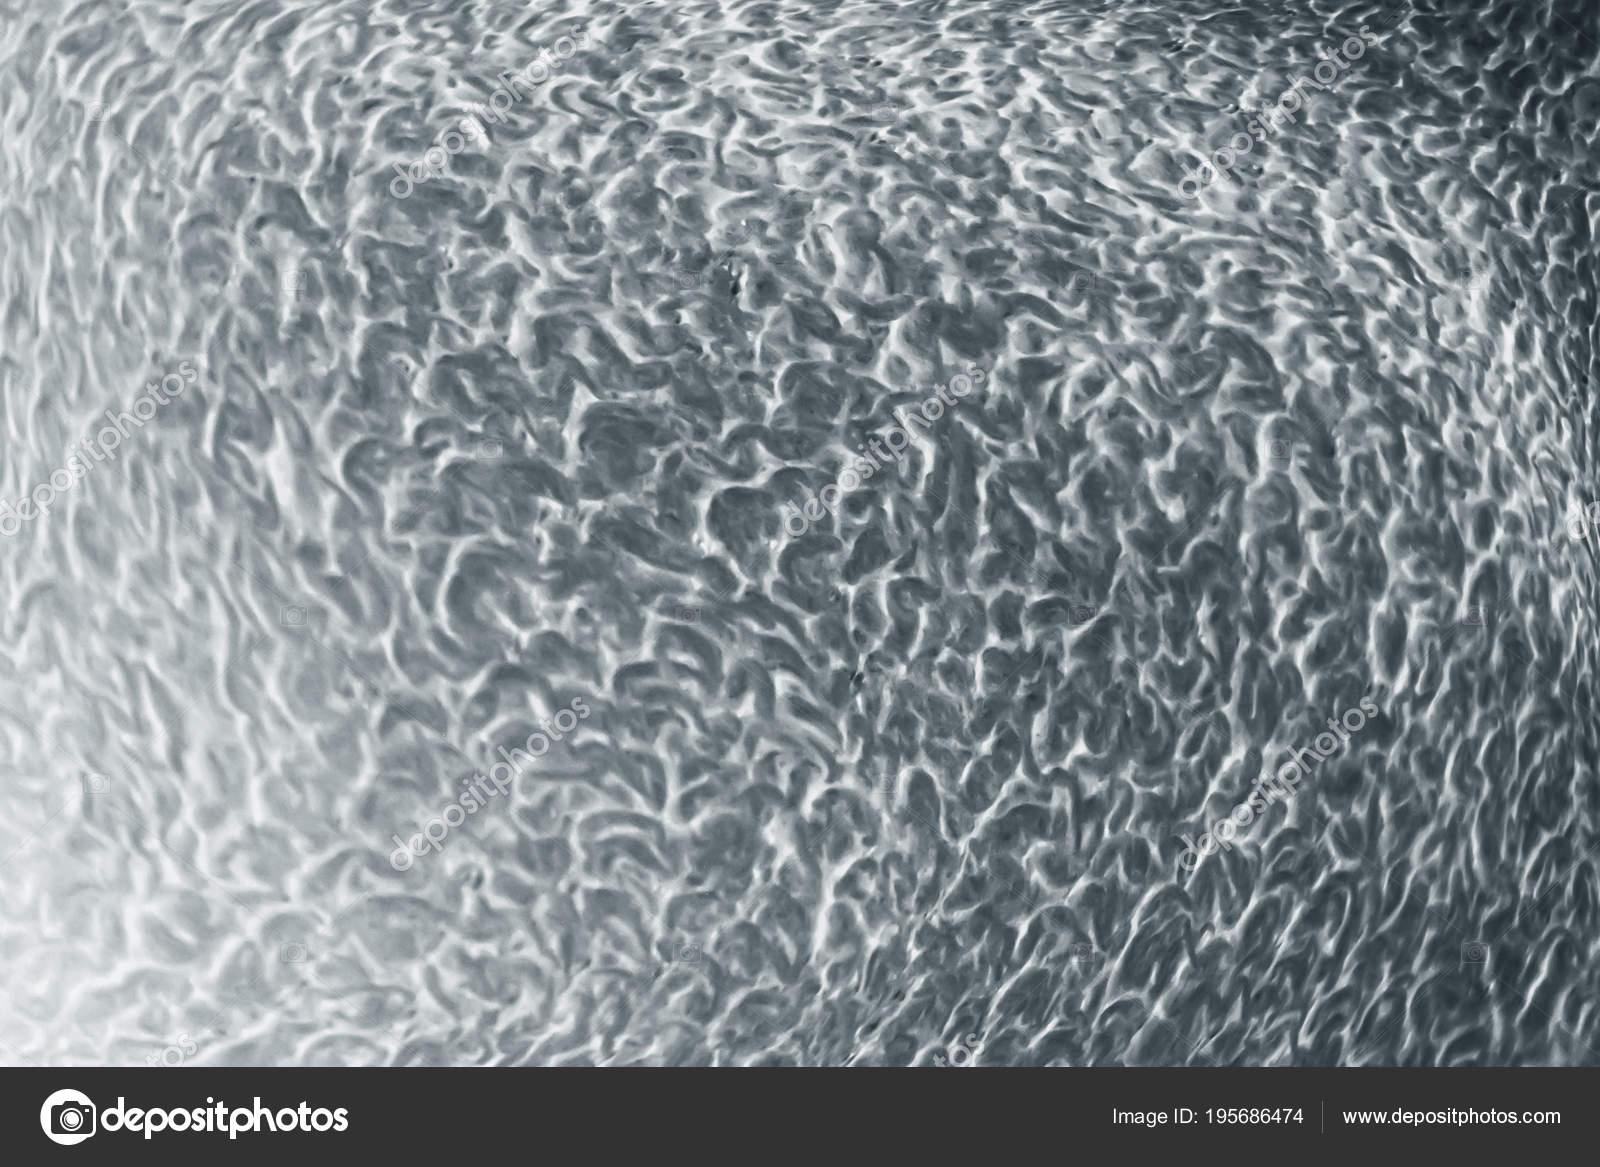 Zellengewebe unter einem mikroskop chemie und biologie